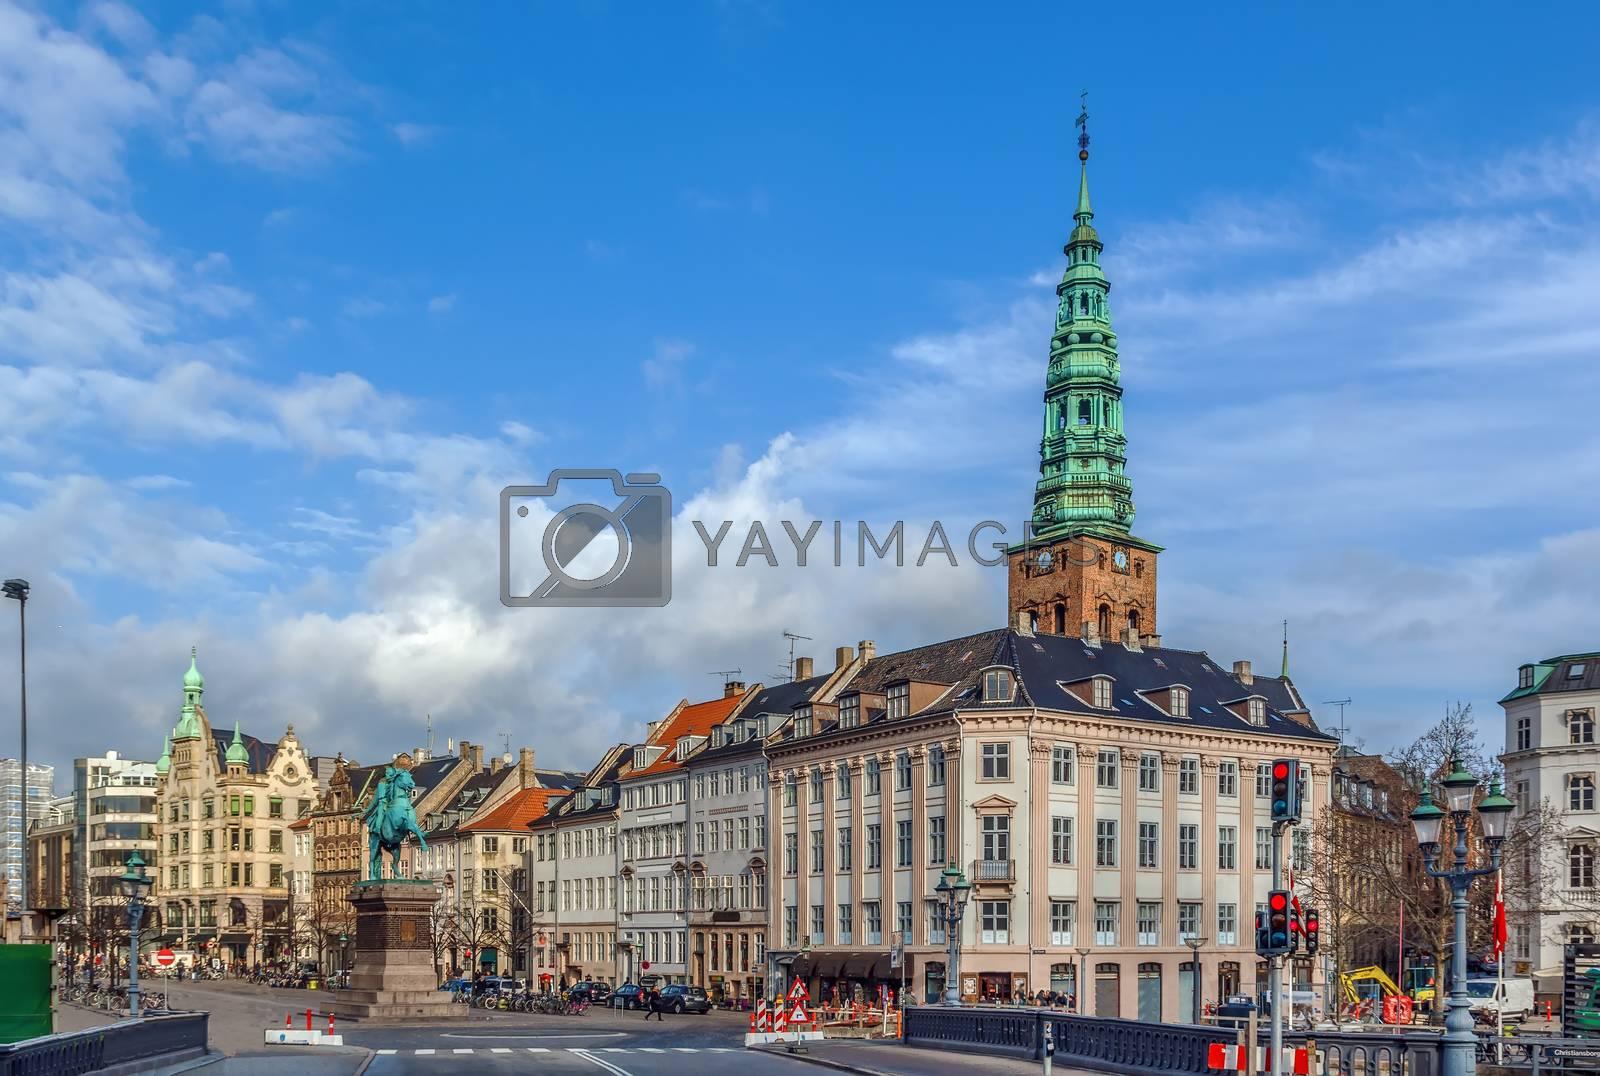 Hojbro Square, Copenhagen by borisb17